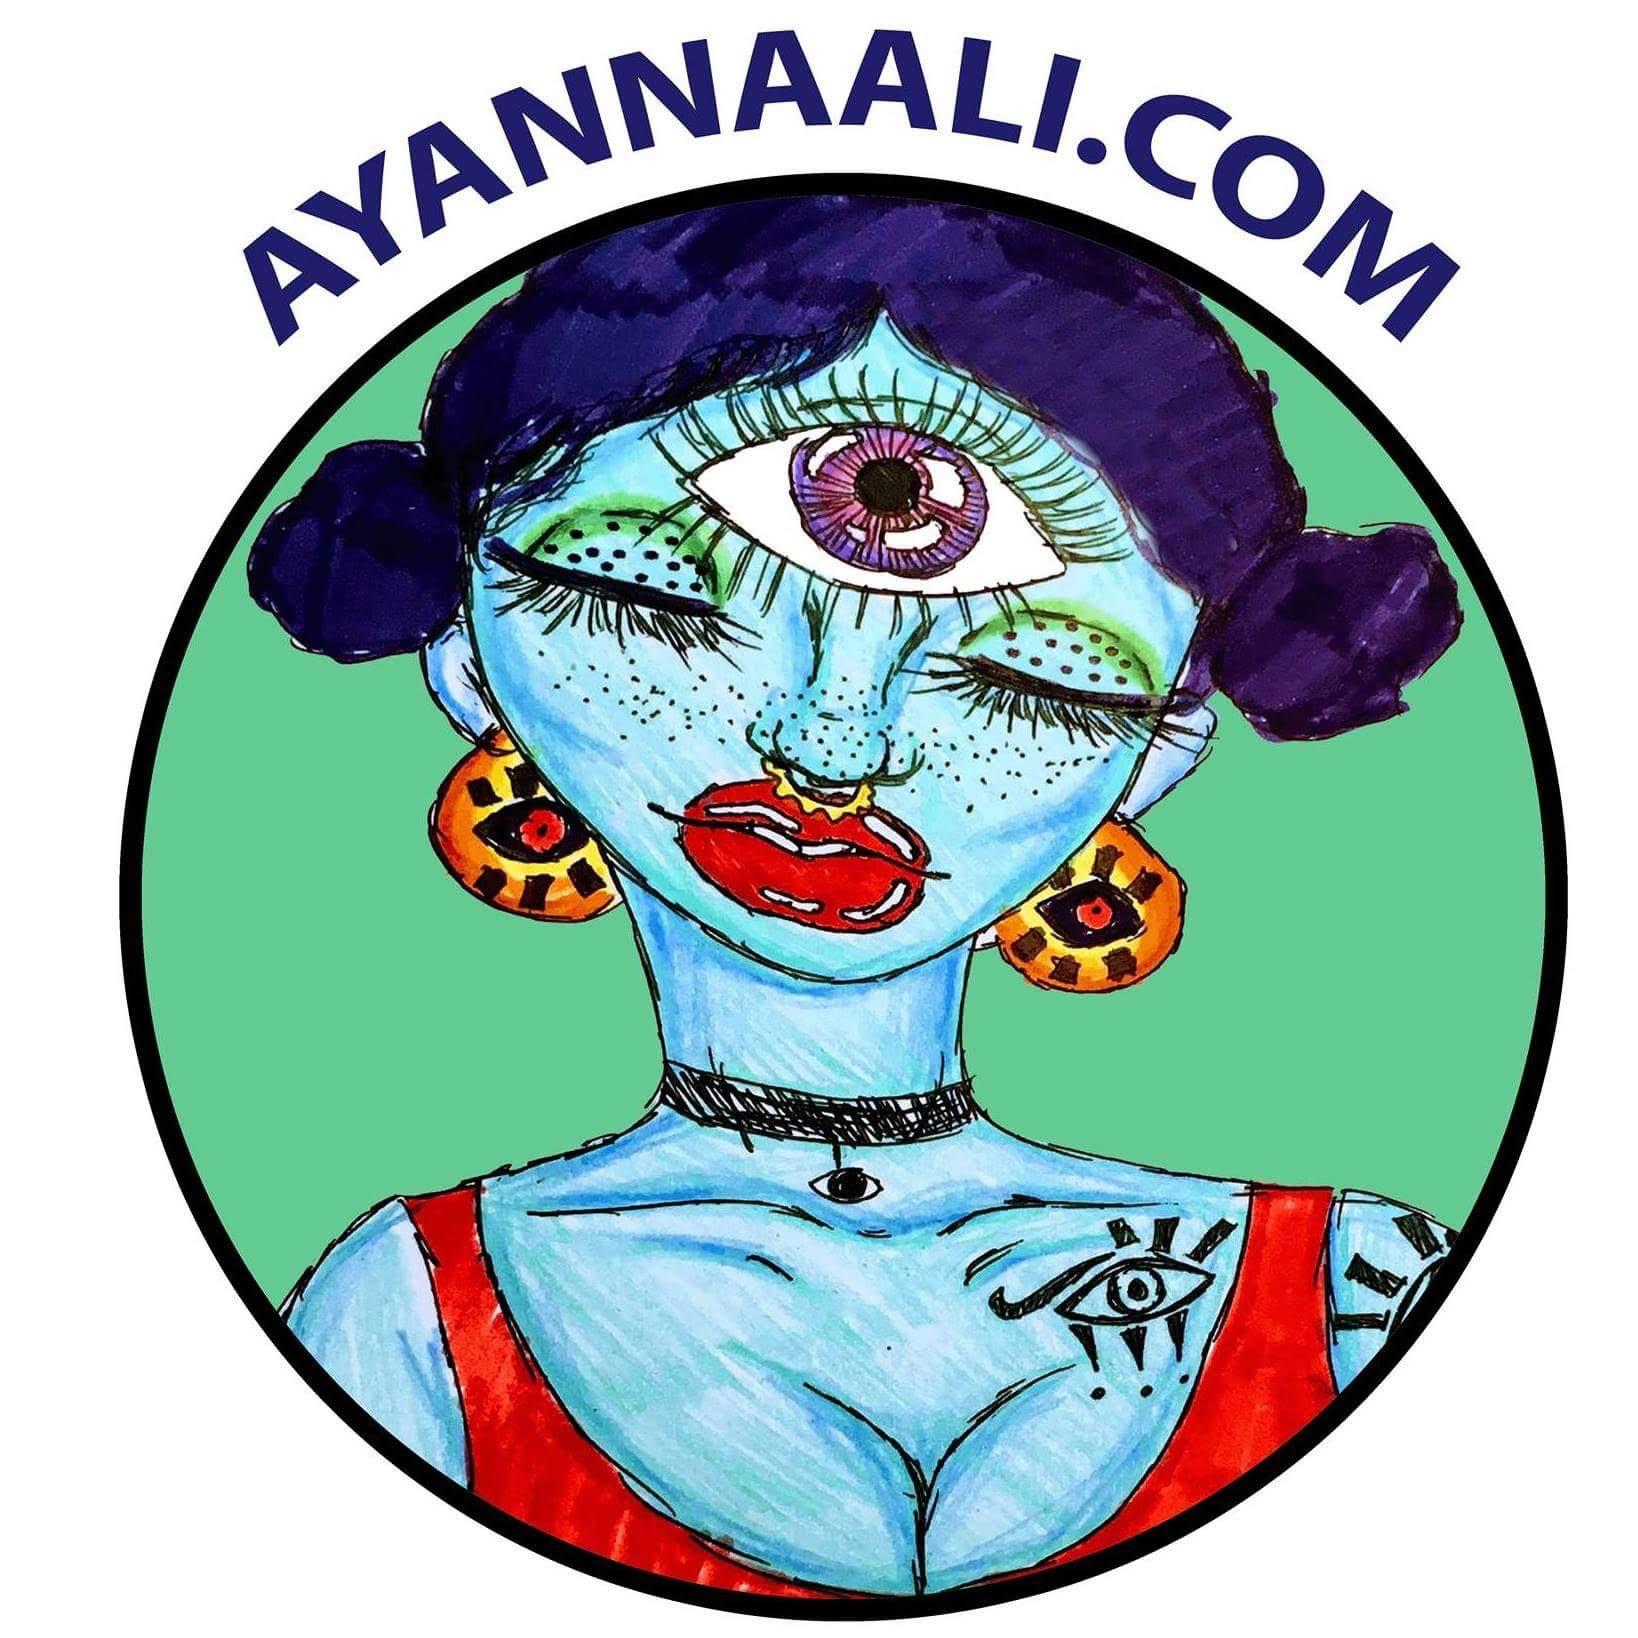 AyannaAli.com